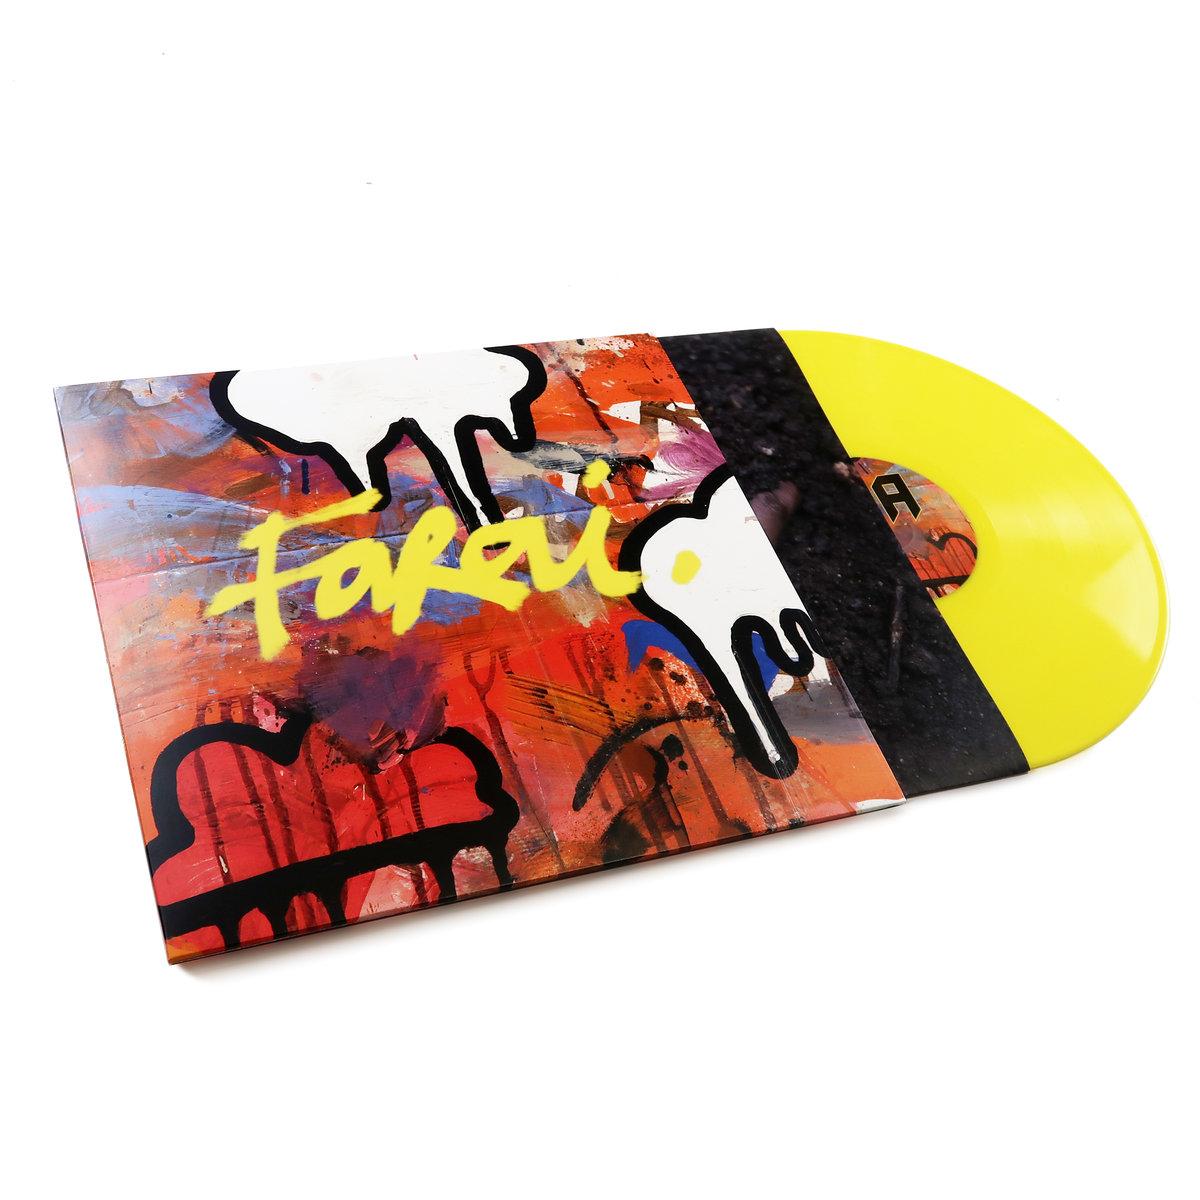 Theartsdesk On Vinyl 45 Ian Dury Janis Joplin Oneohtrix